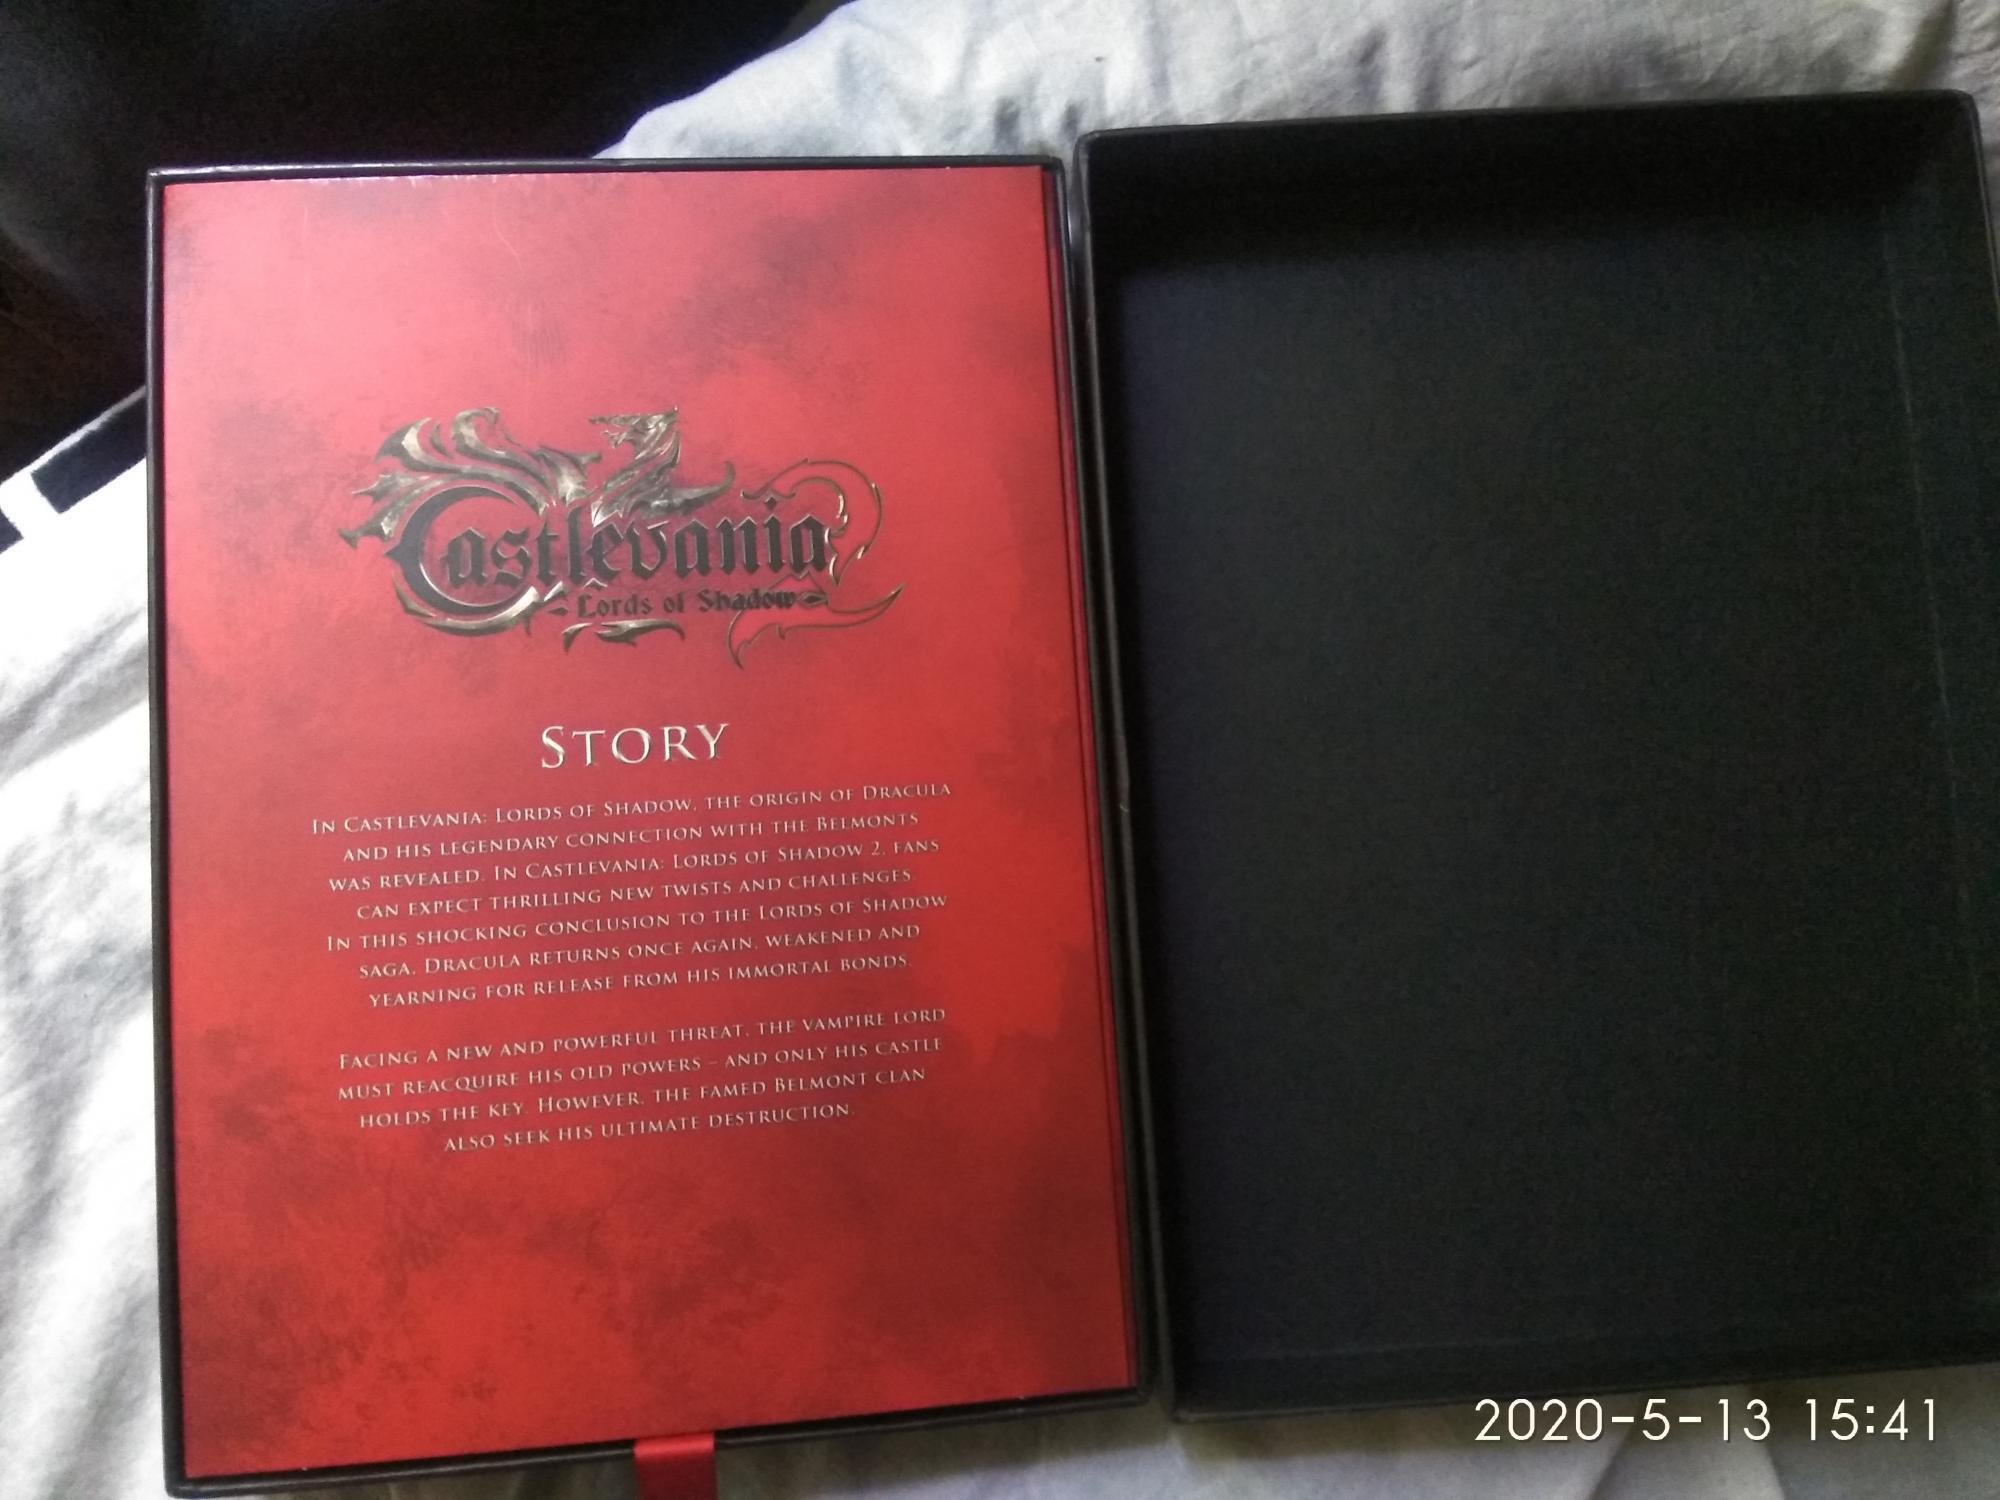 Castlevania Lord of Shadow 2 Limited Edition Belmo в Москве 89067989906 купить 3